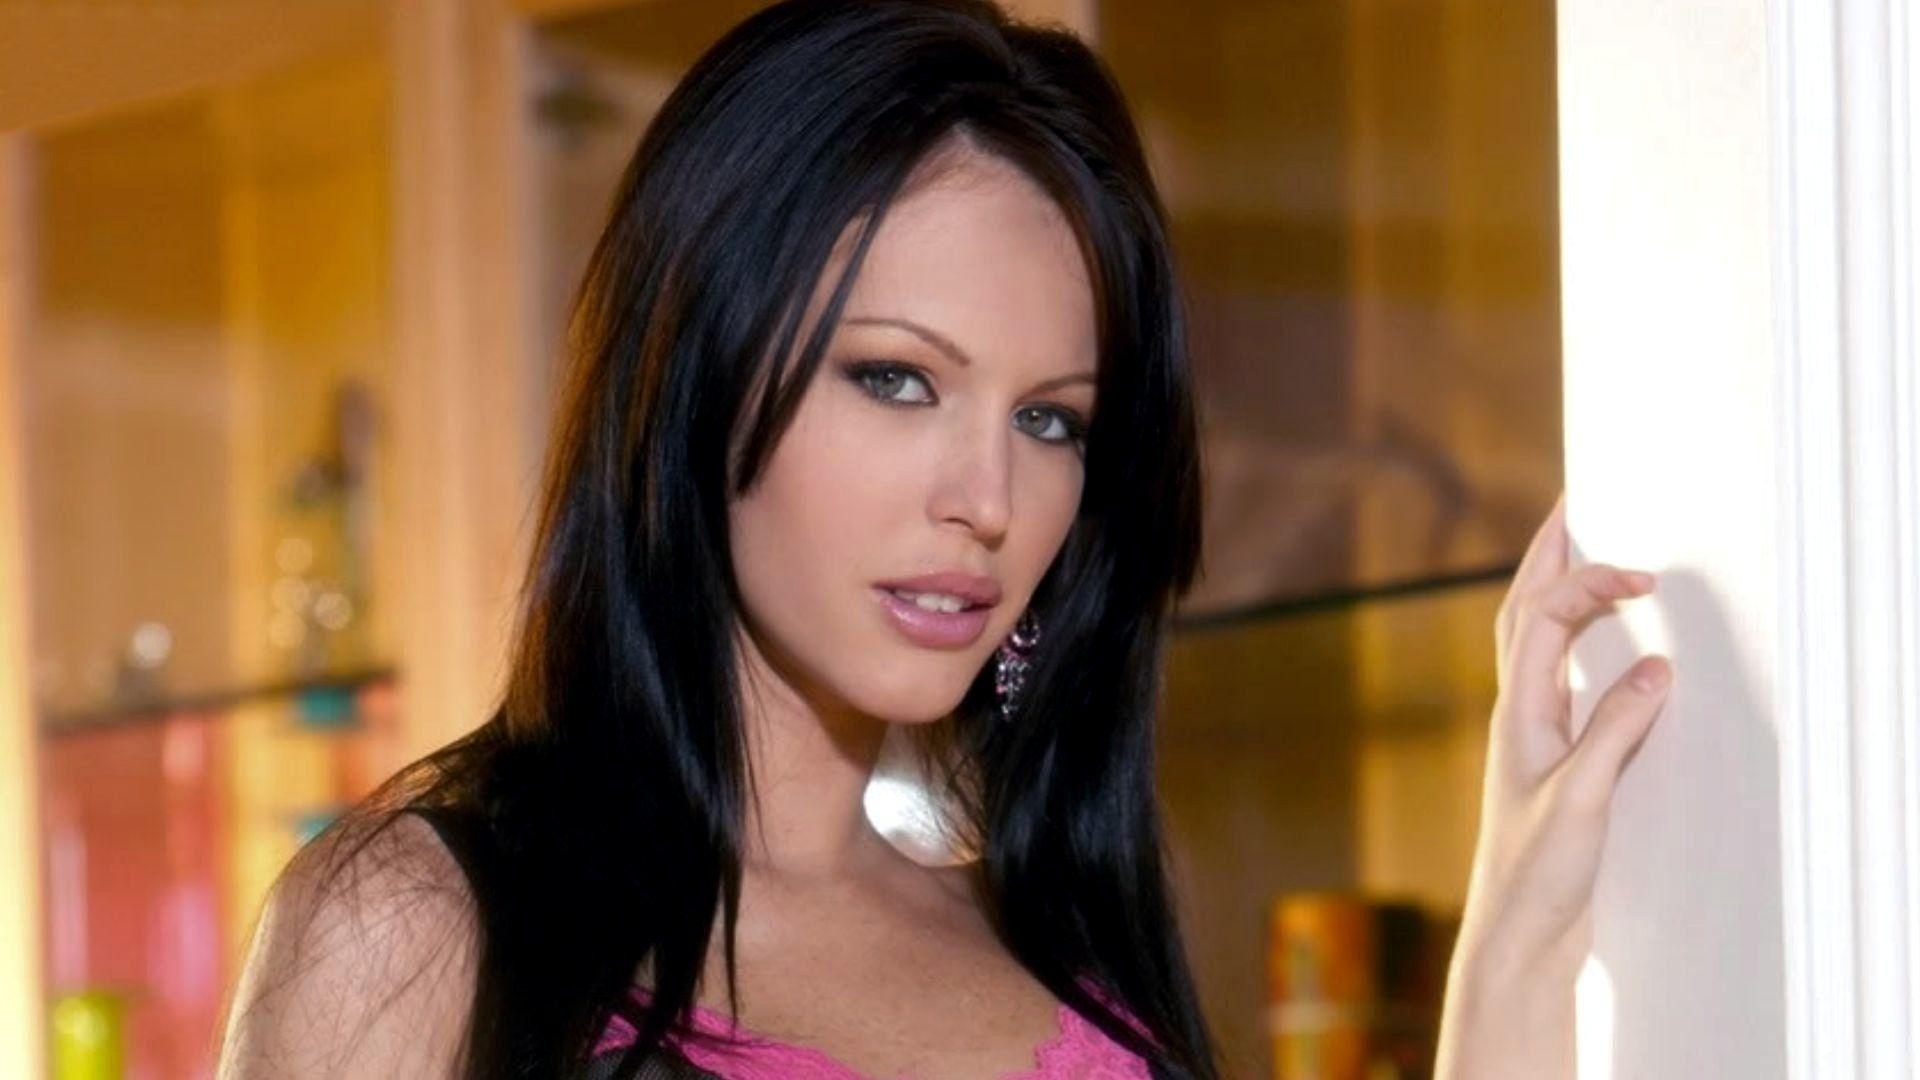 Лесбиянки, Красивые лесбиянки   секс порно видео на pornolulz.com